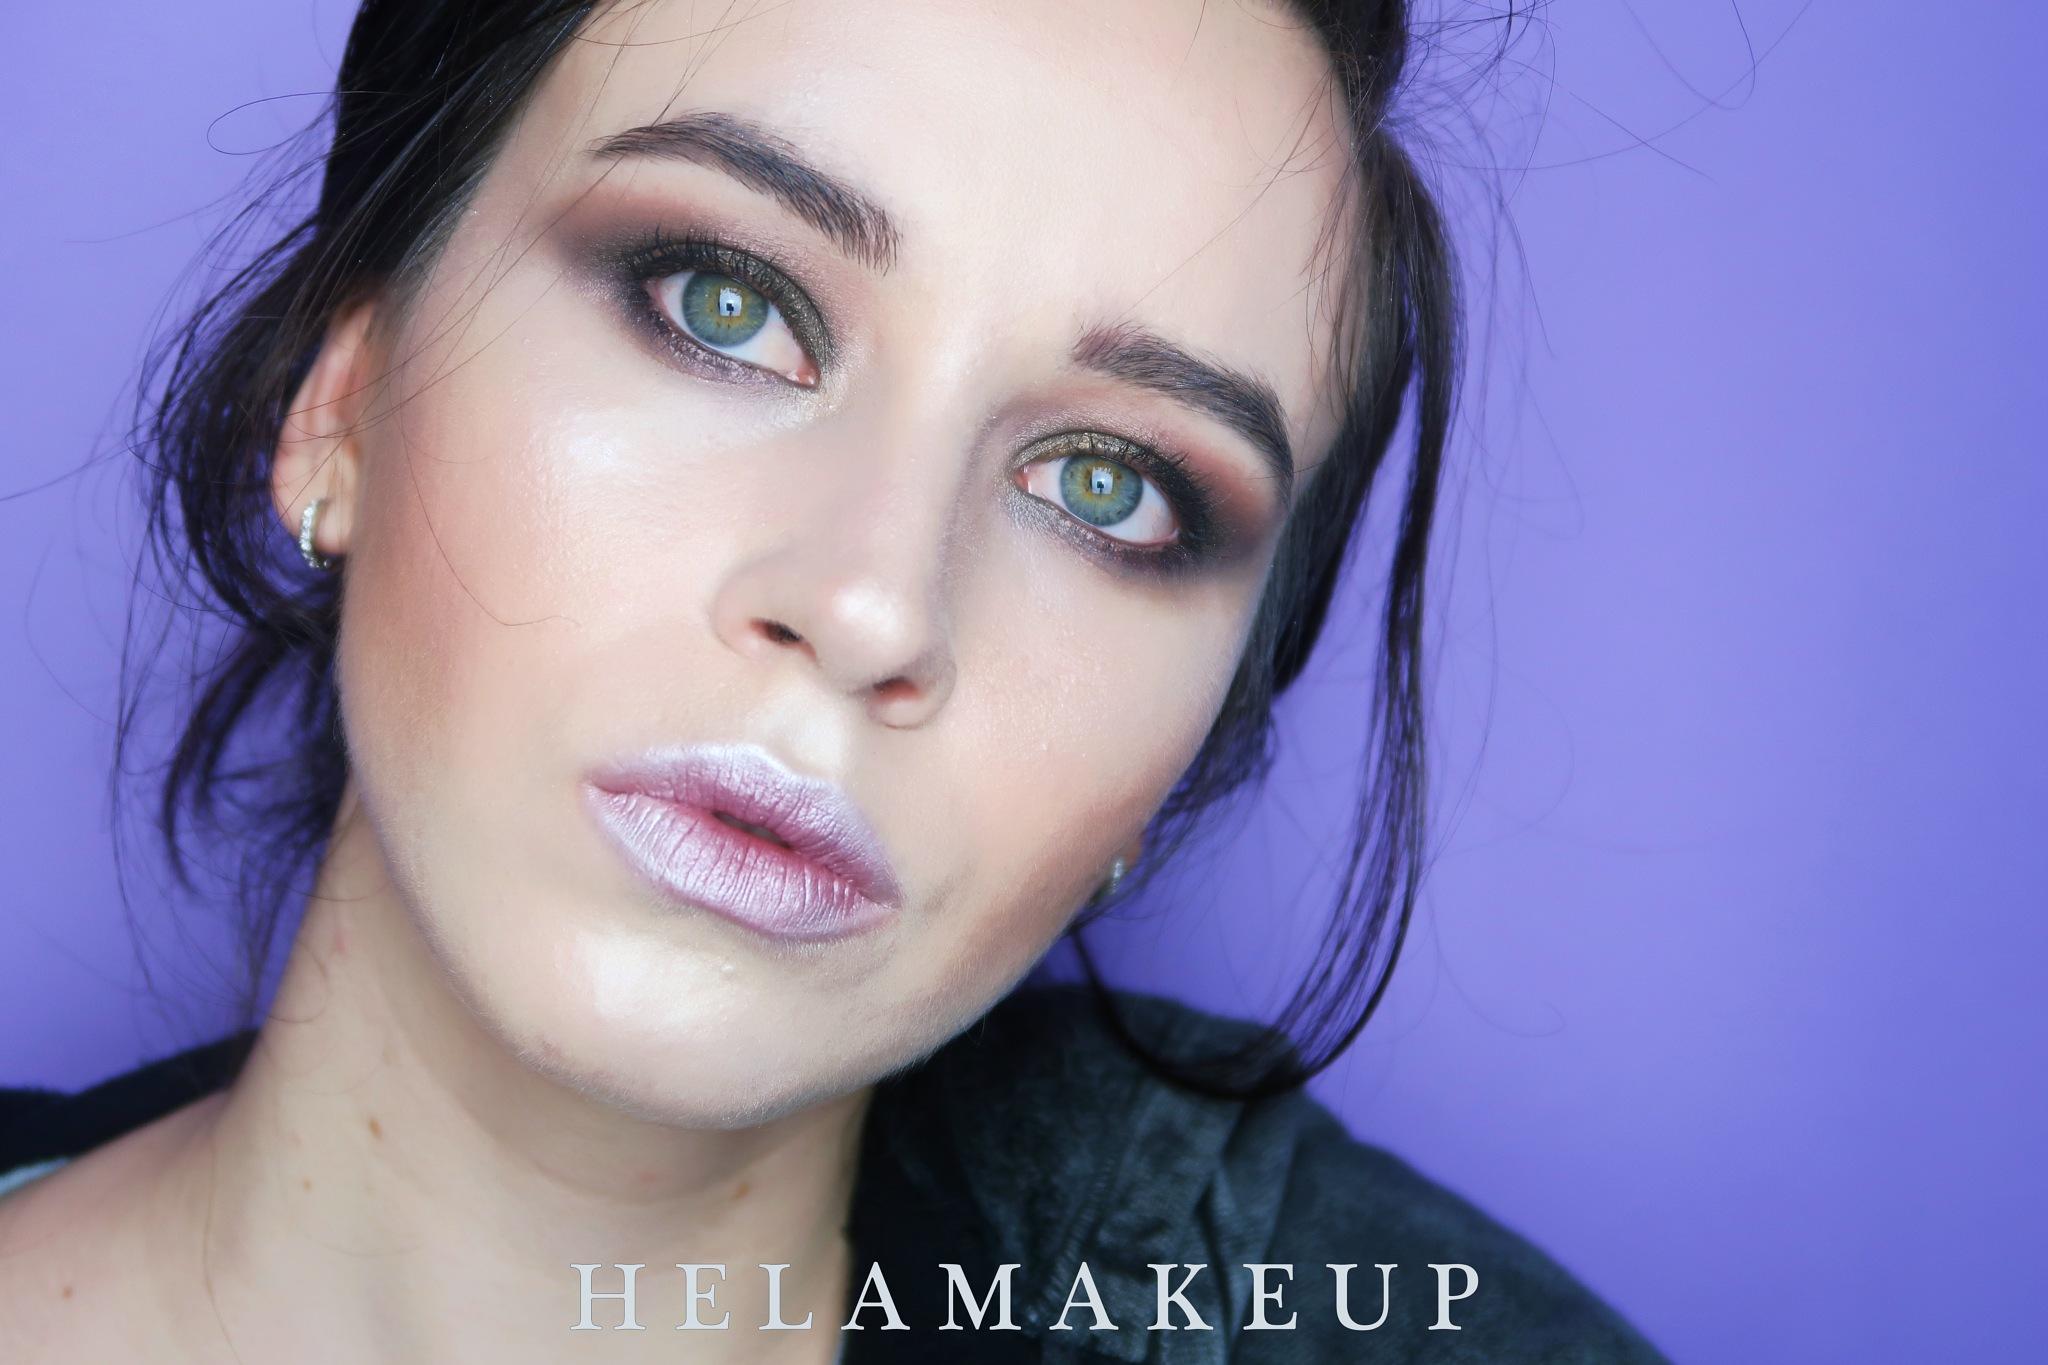 H E L A M A K E U P by HELAMAKEUP